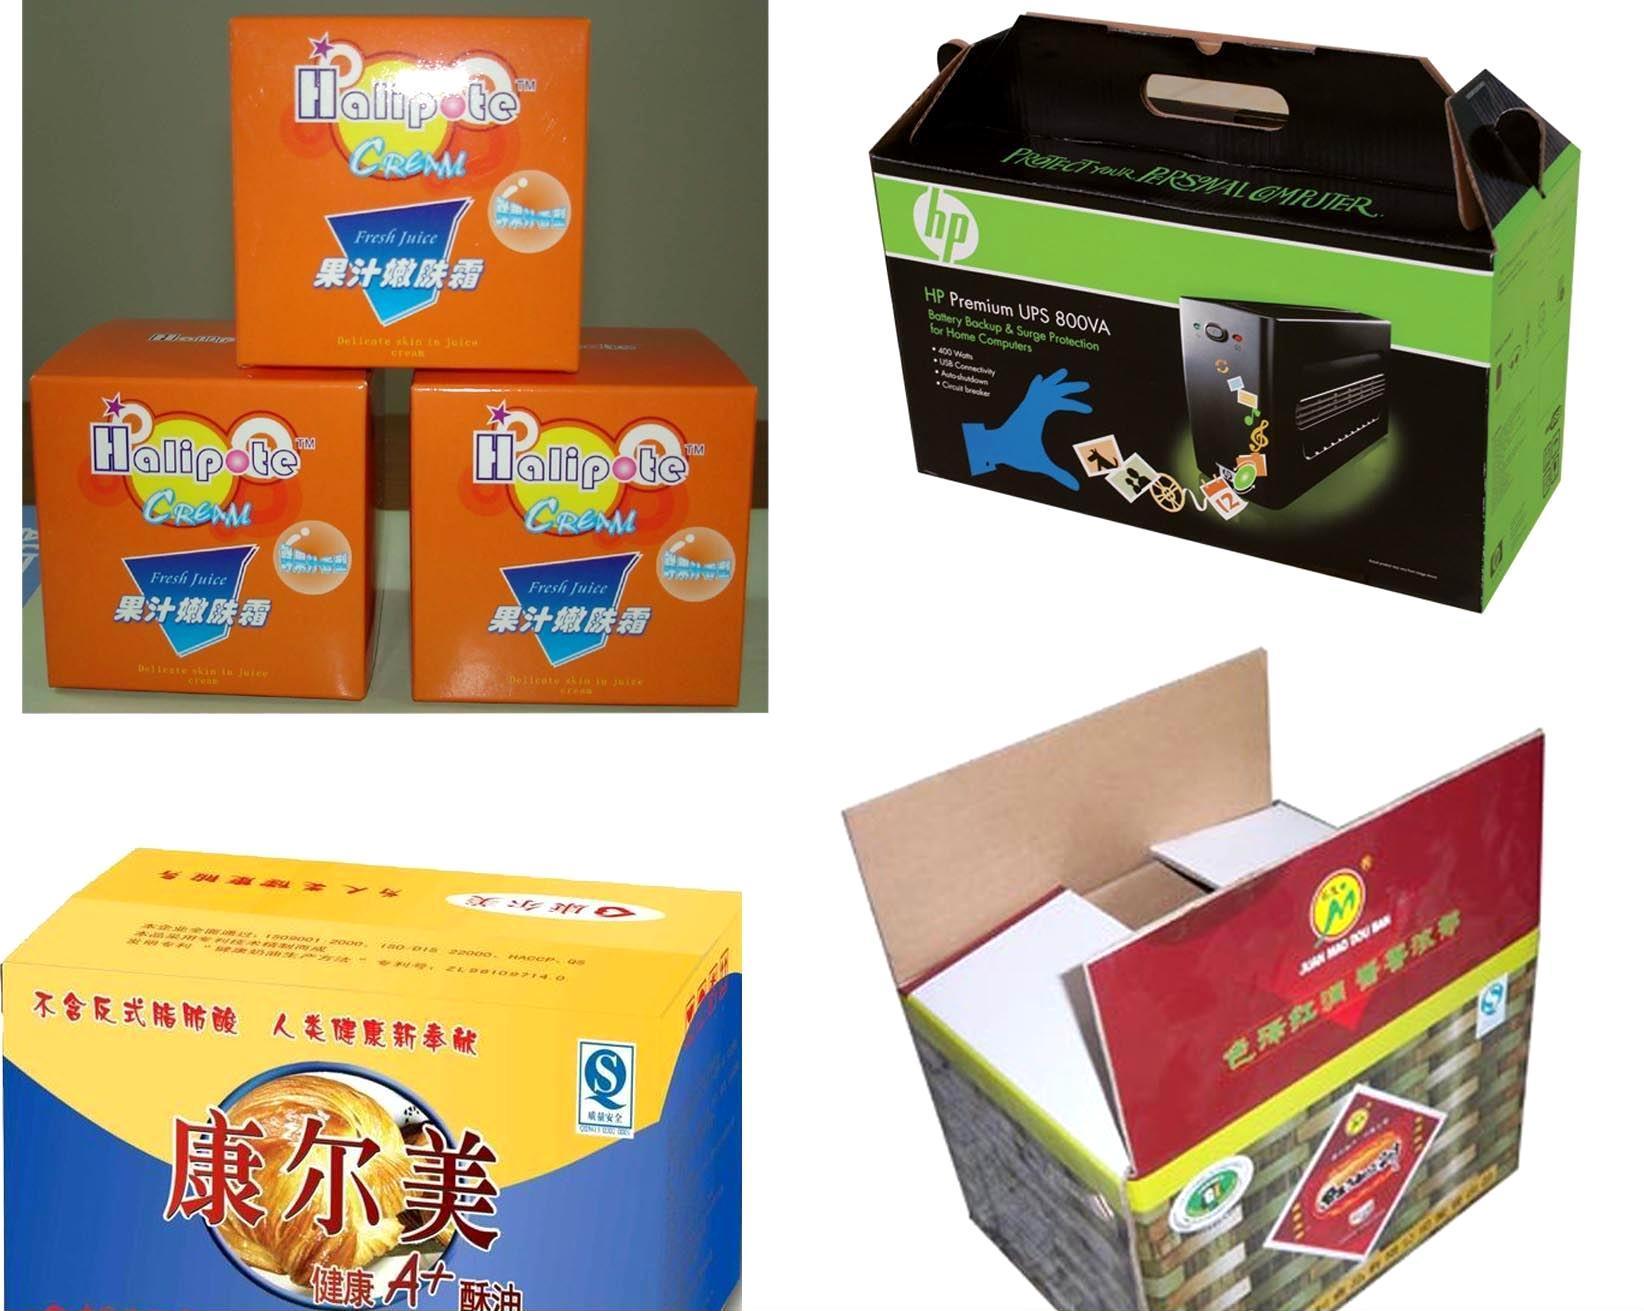 吴江四色印刷厂 吴江四色印刷公司 苏州展现印刷值得信赖